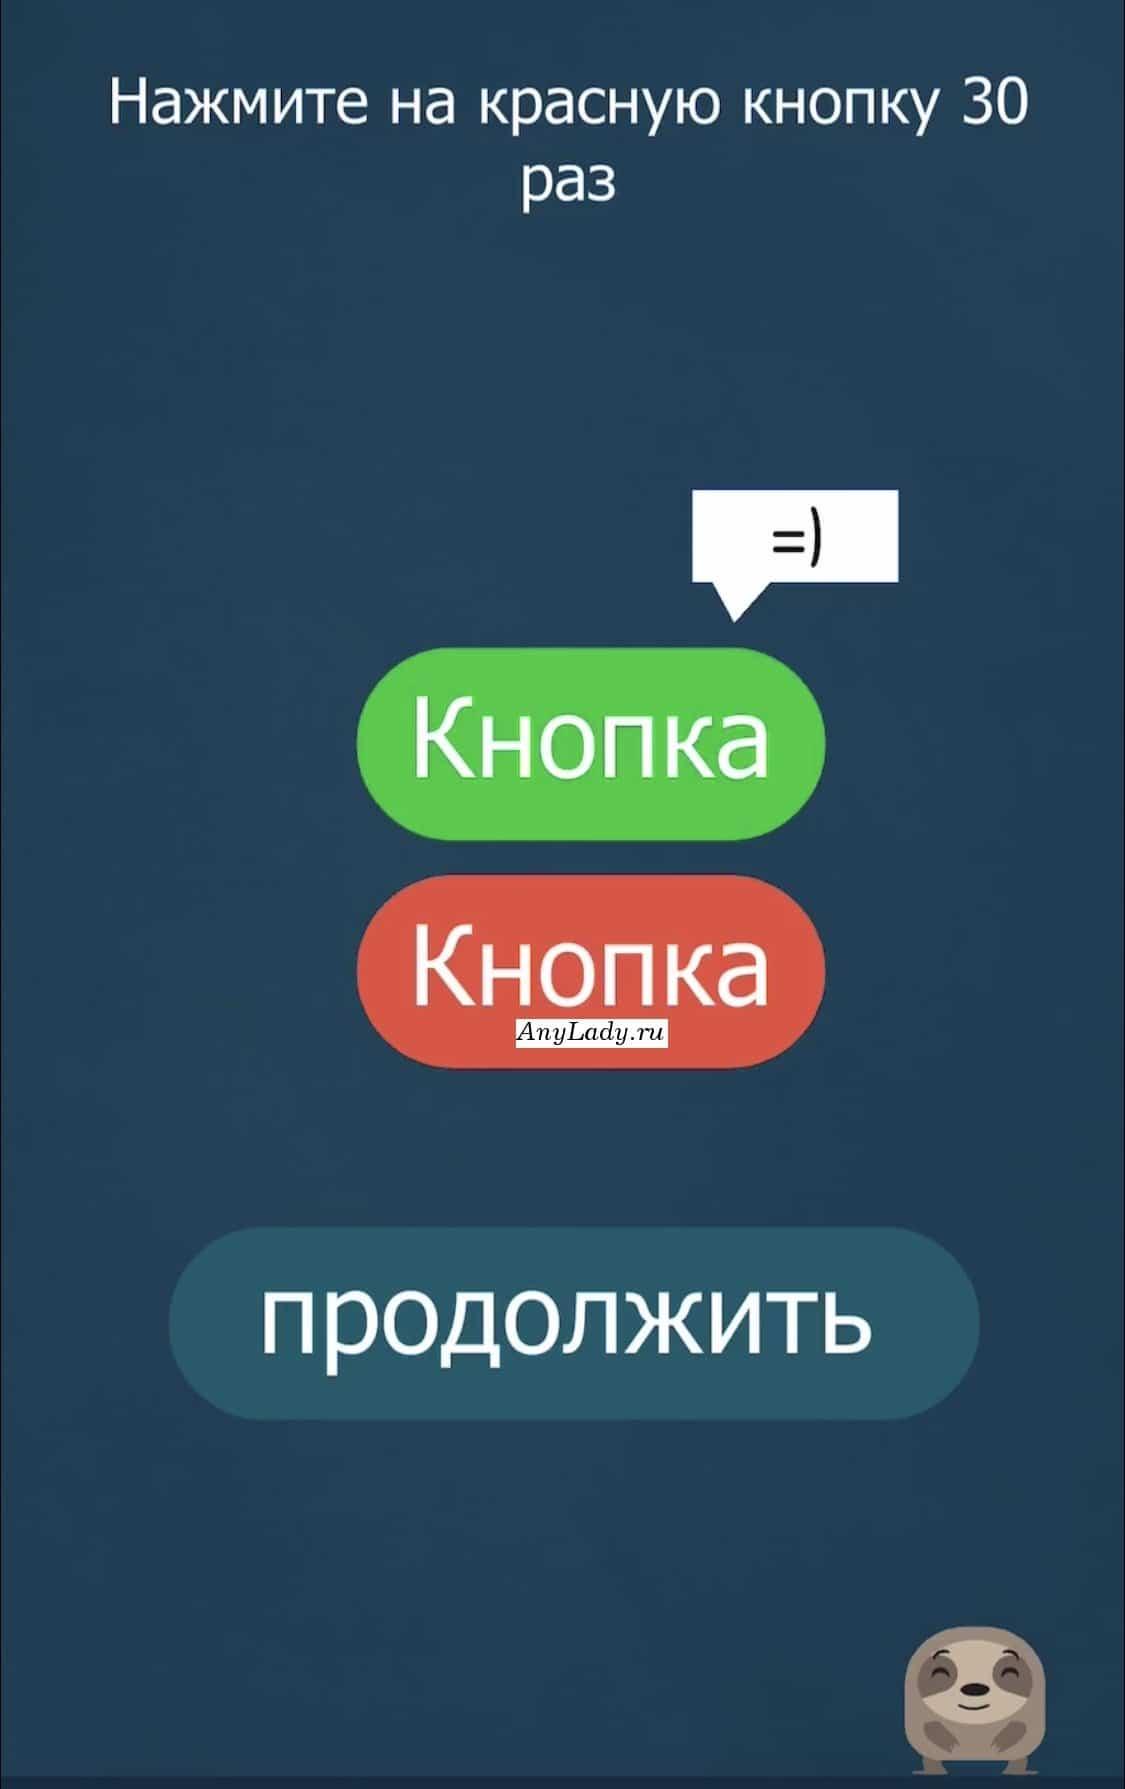 Нажимайте на красную кнопку, со временем она станет зеленой. Ищите снова красную и выбирайте только ее, потом появятся фразы, также не переводите на них внимание.